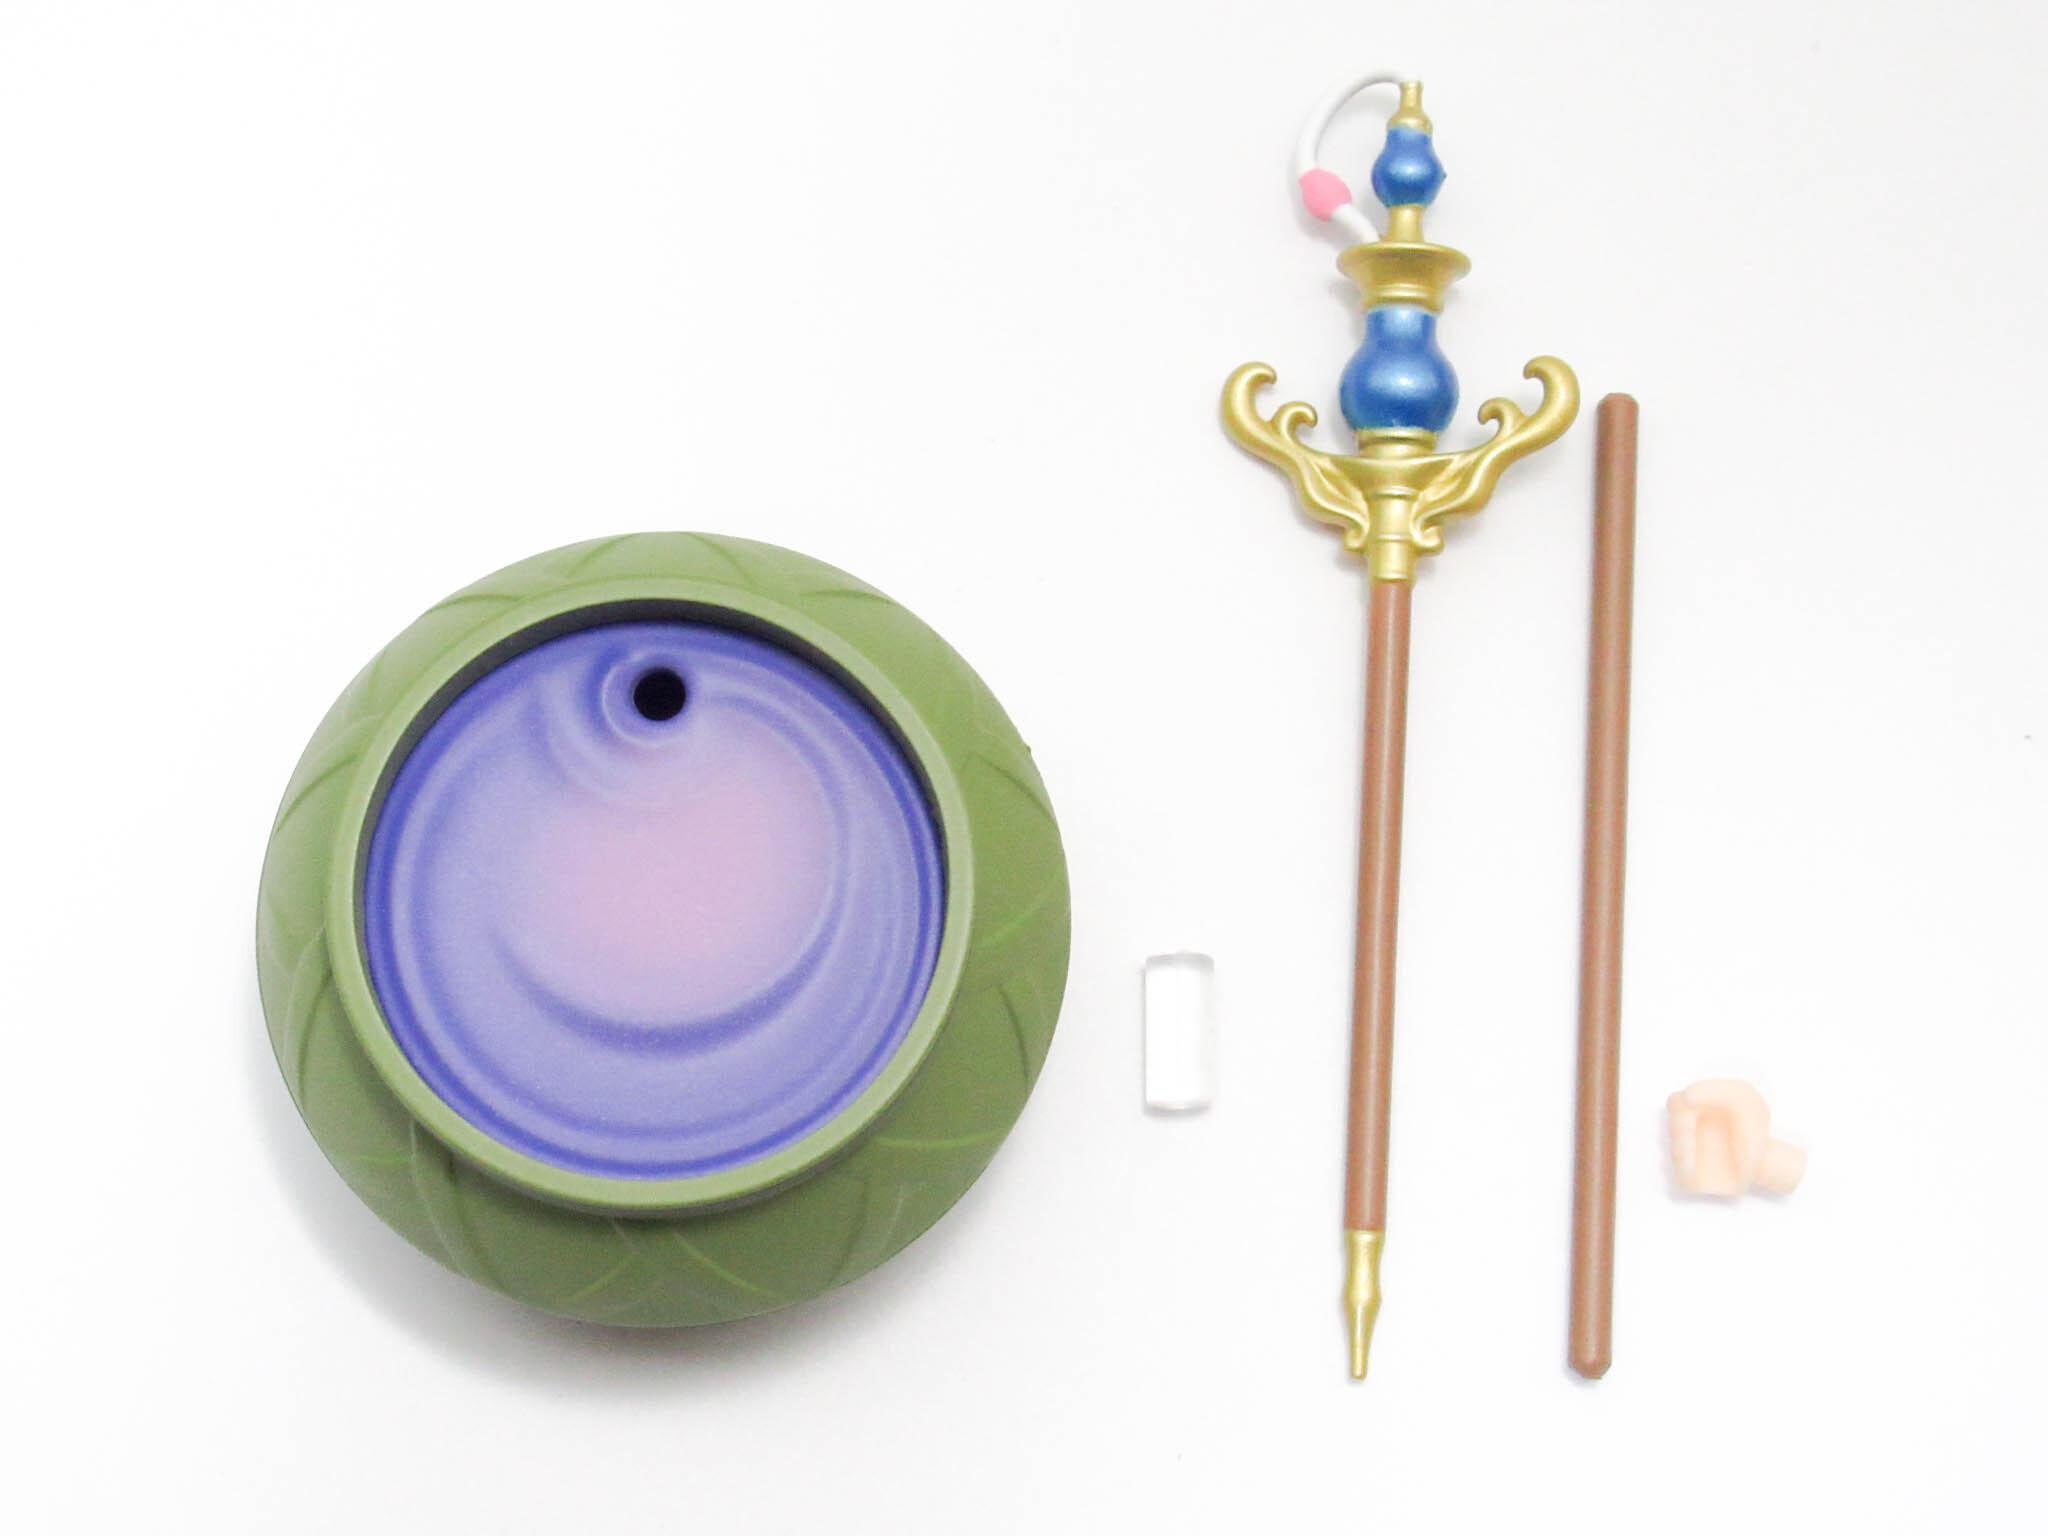 再入荷【1133】 ロロナ 小物パーツ 杖と錬金釜 ねんどろいど